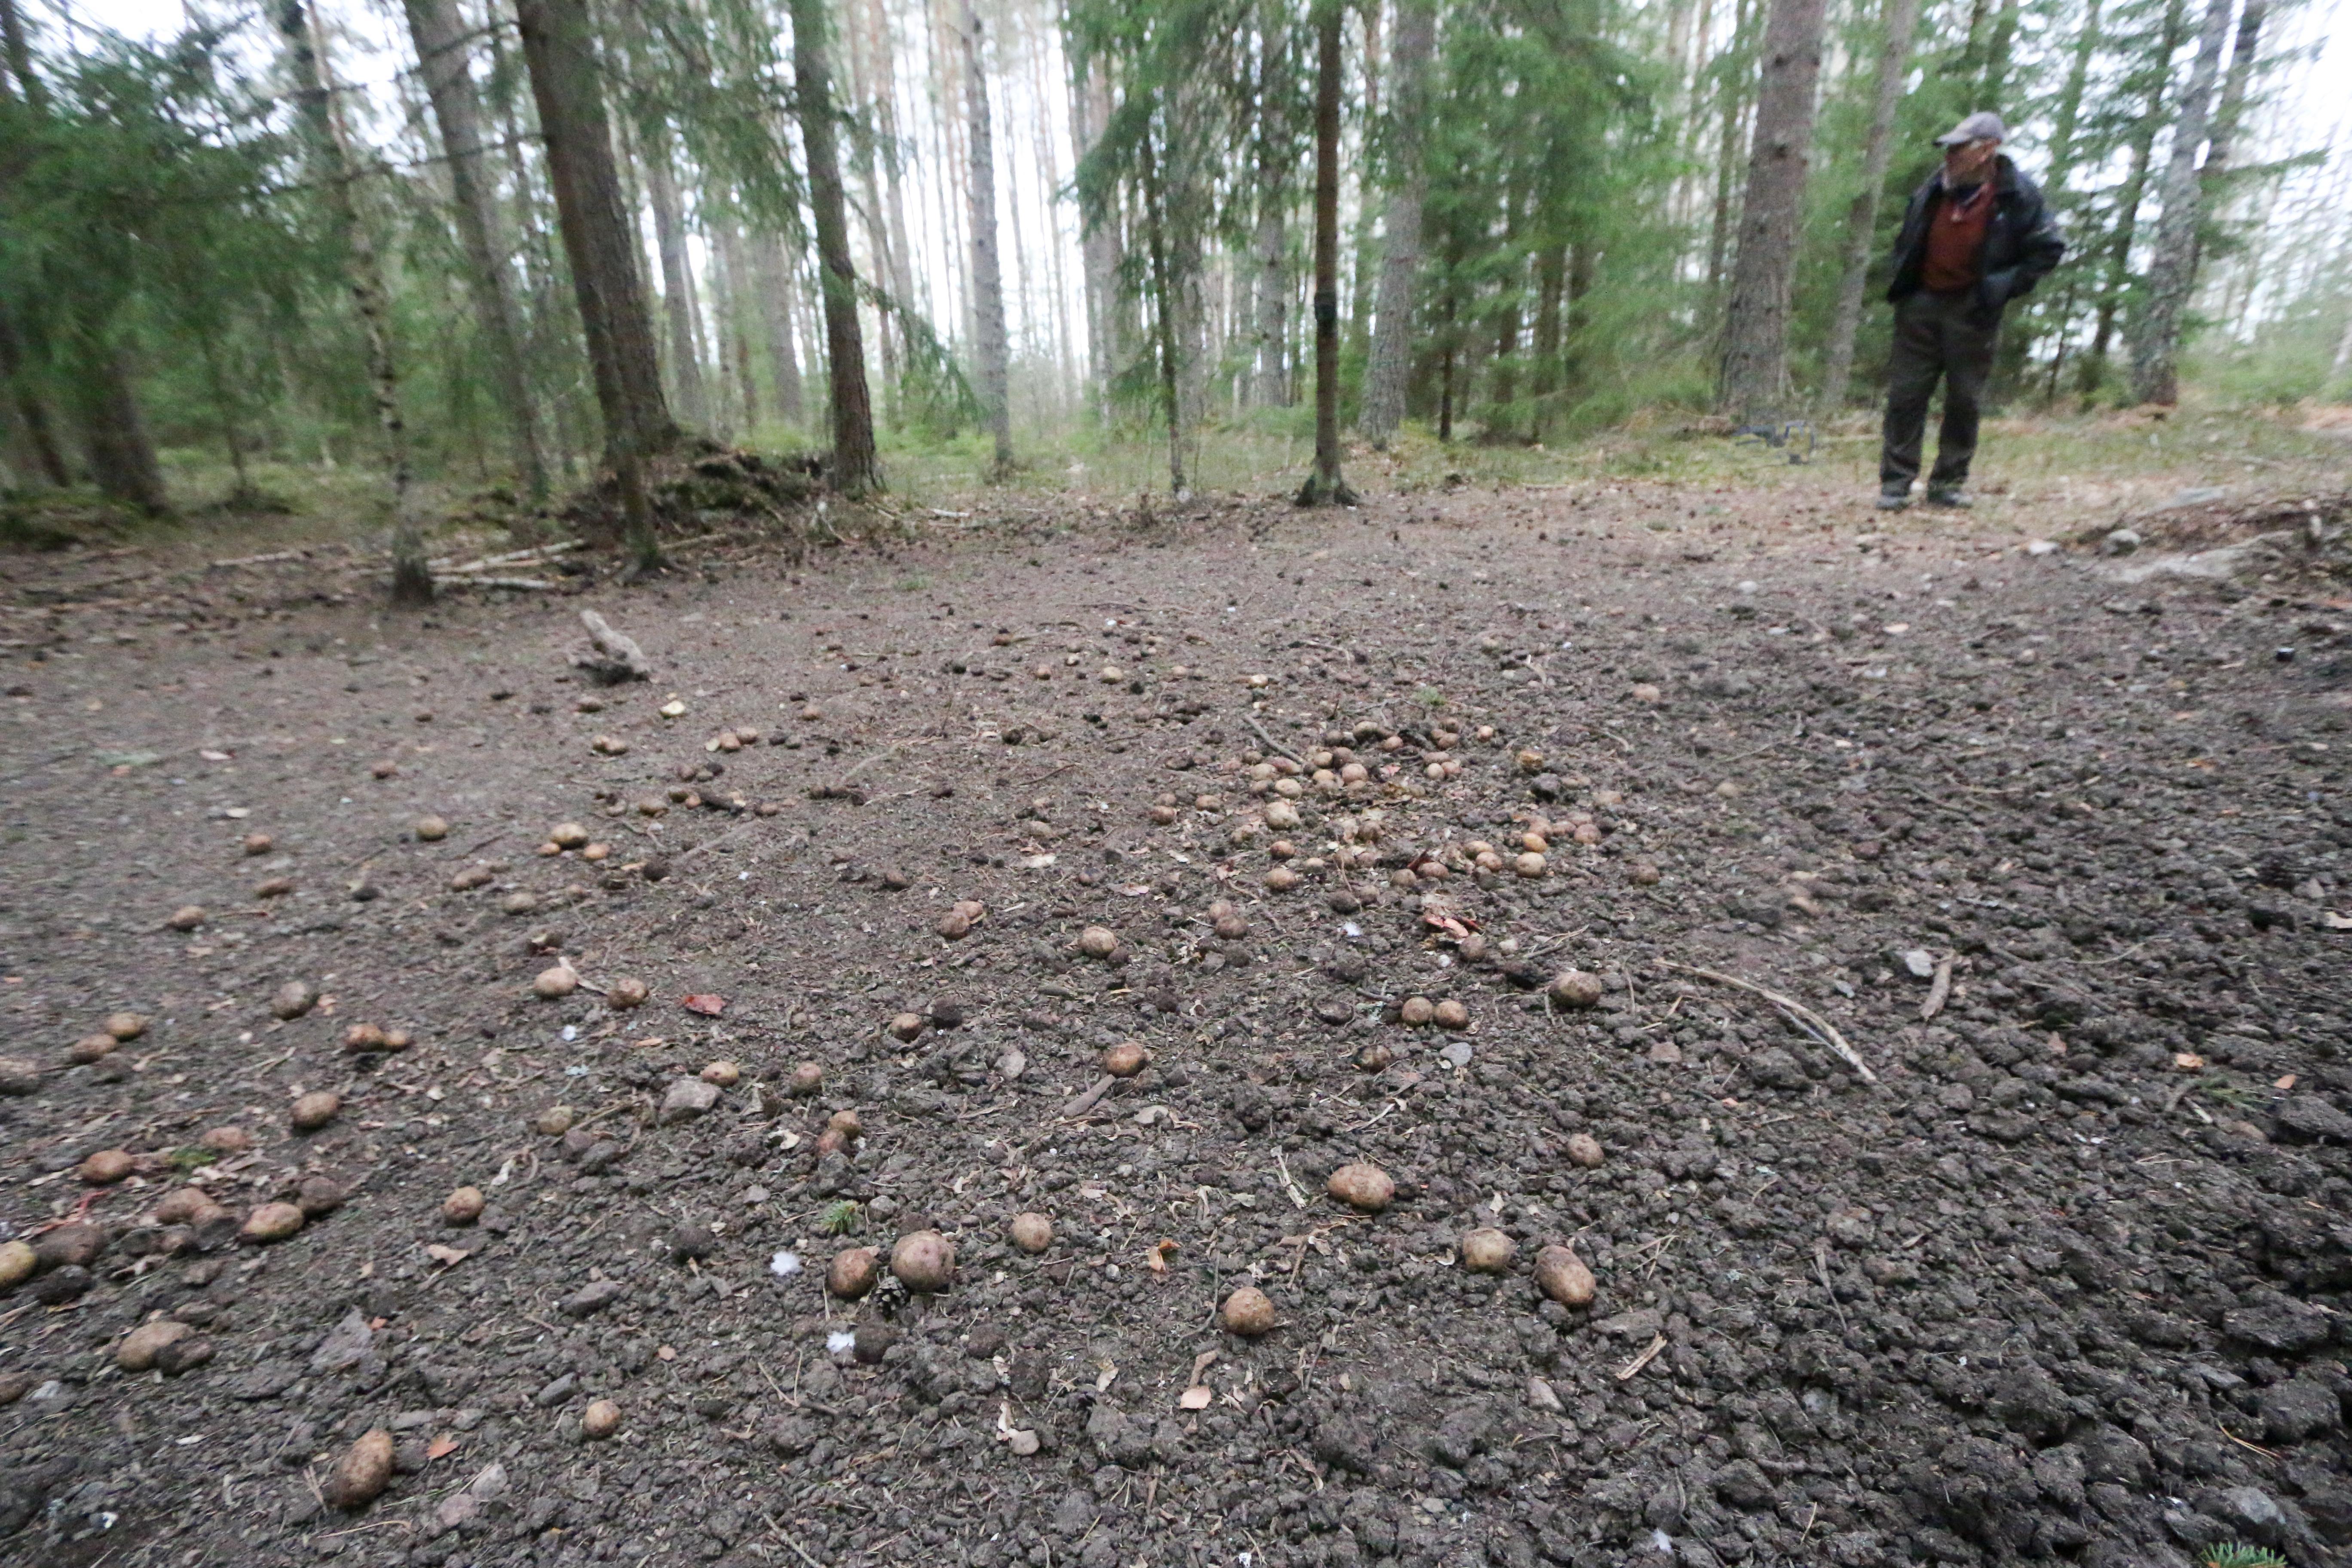 Potatis, som i det här fallet, men även ärter sprids ut vid åtelplatser för att locka vildsvinen till platser där jägarna väntar på pass.